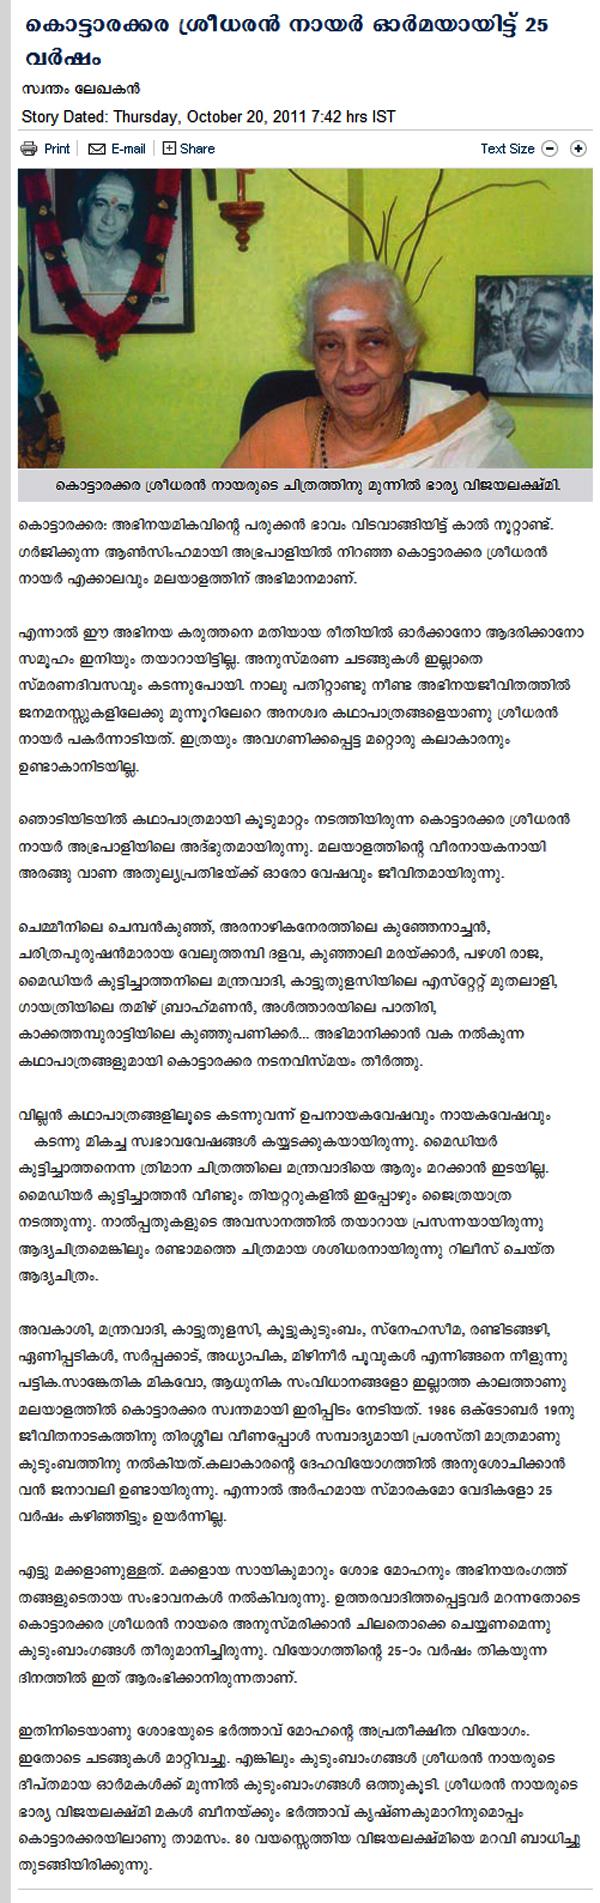 Remembrance Note on Kottarakkara Sreedharan Nair at Manorama  Online